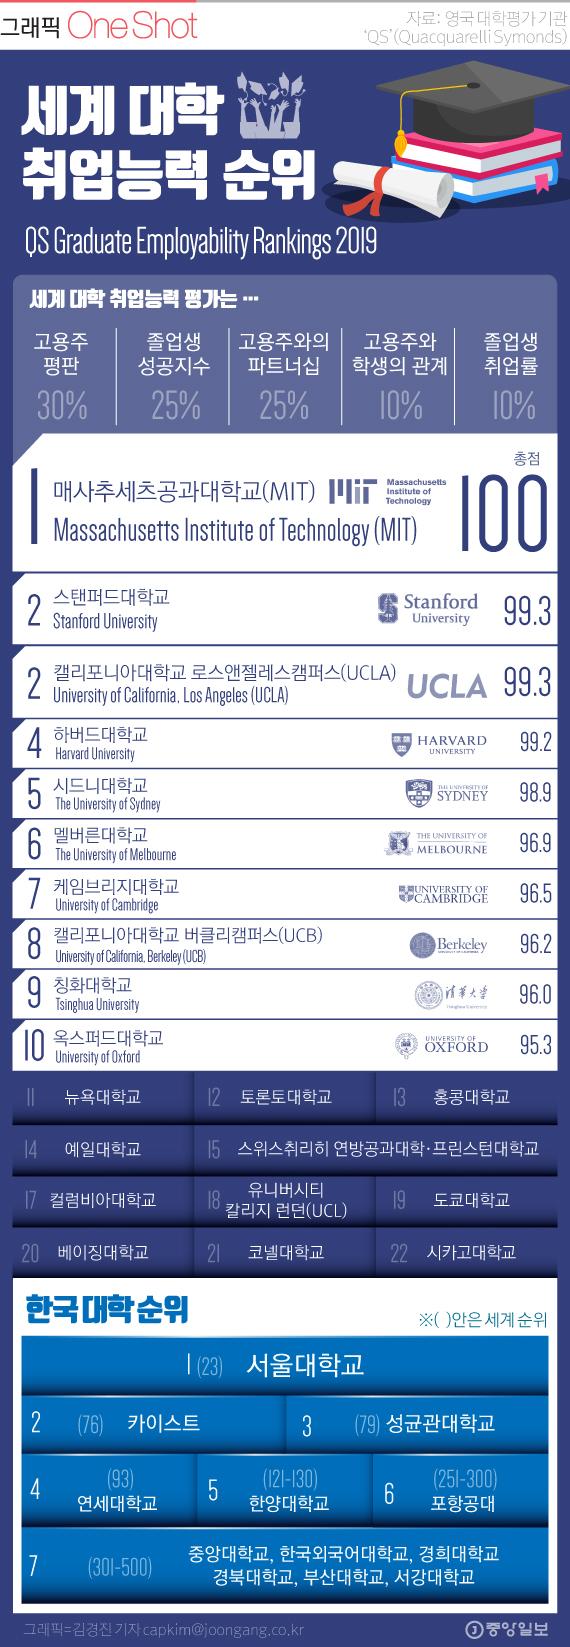 [ONE SHOT] 미국 MIT, 세계 대학 취업능력 랭킹 1위…한국 대학은?